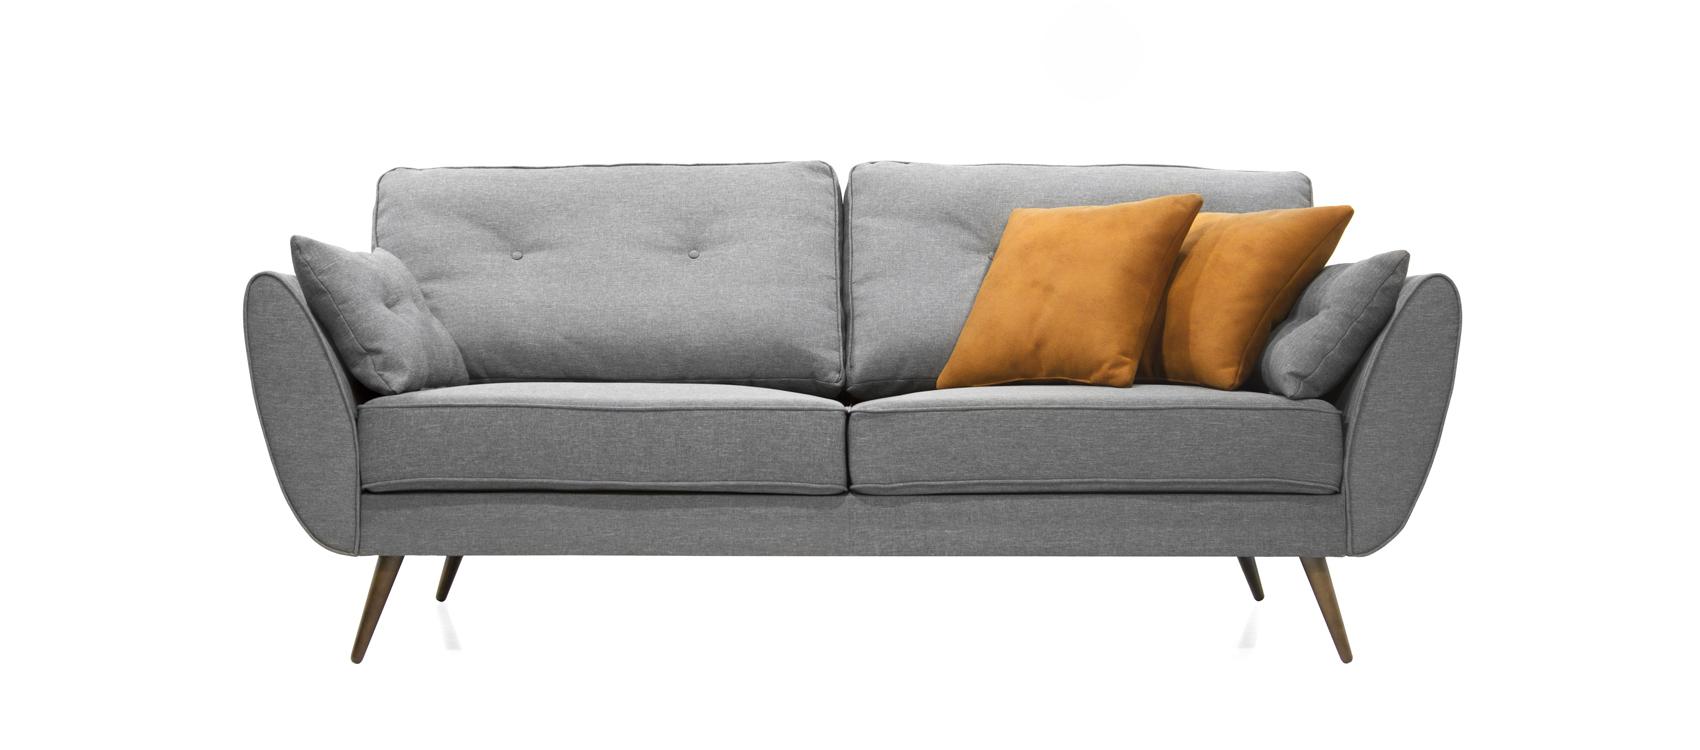 Sofa MALMO foto 4